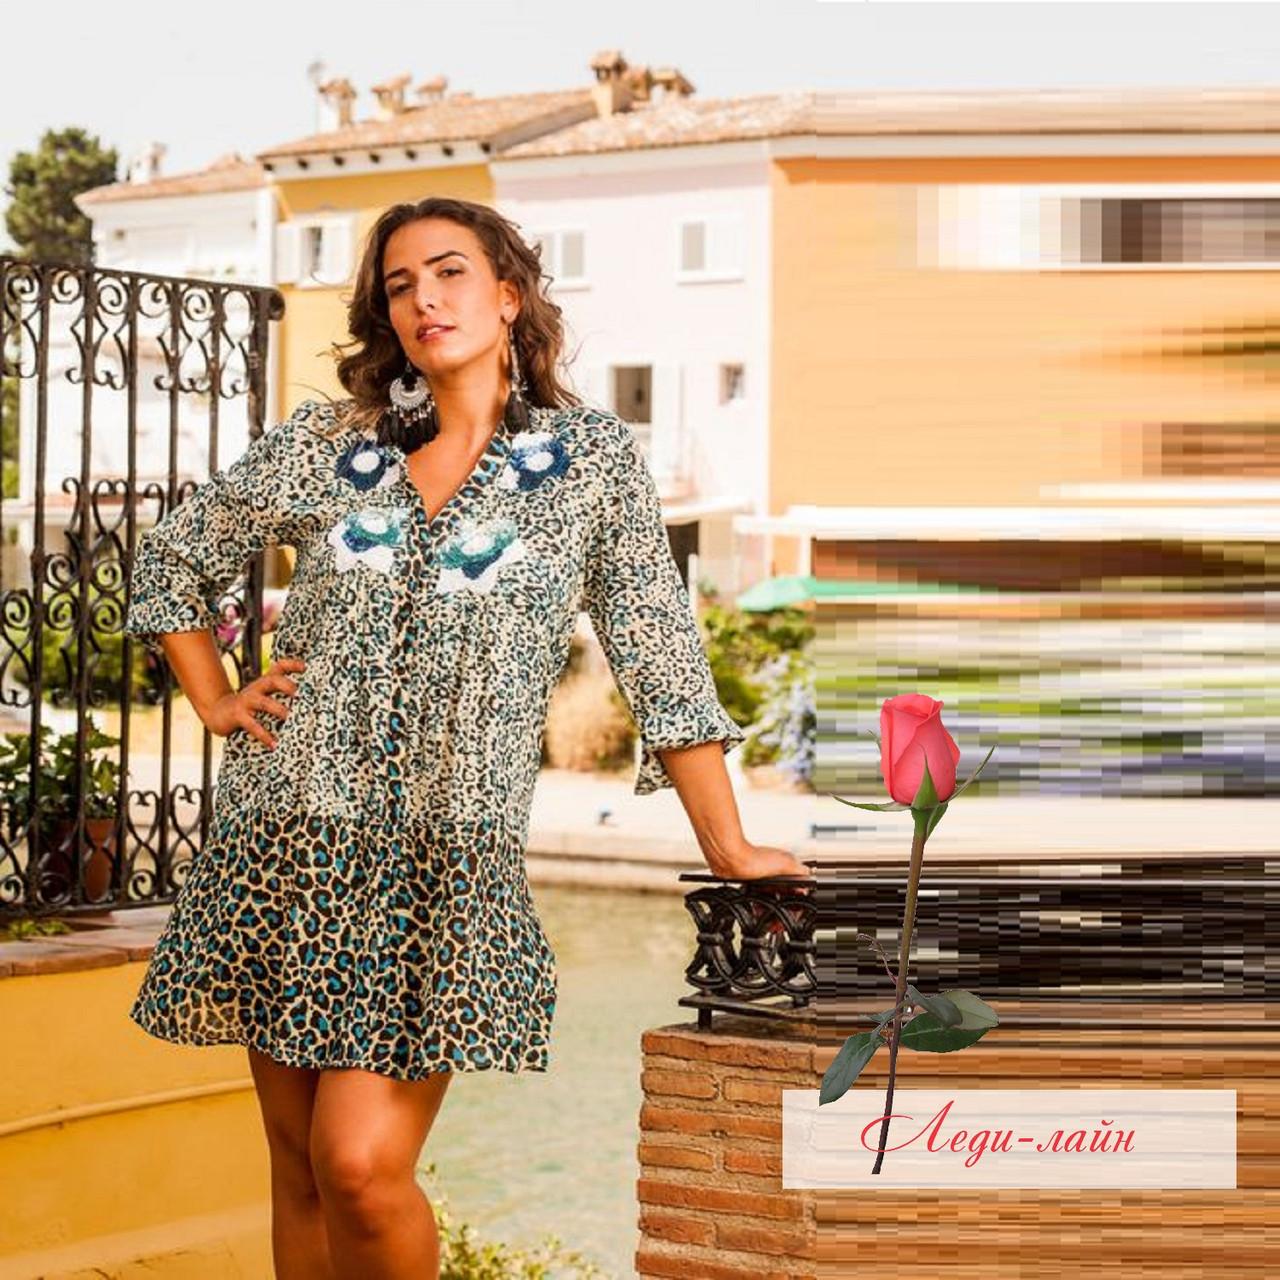 68d4456efd1 Летний женский сарафан с леопардовым принтом для пляжного сезона 1156